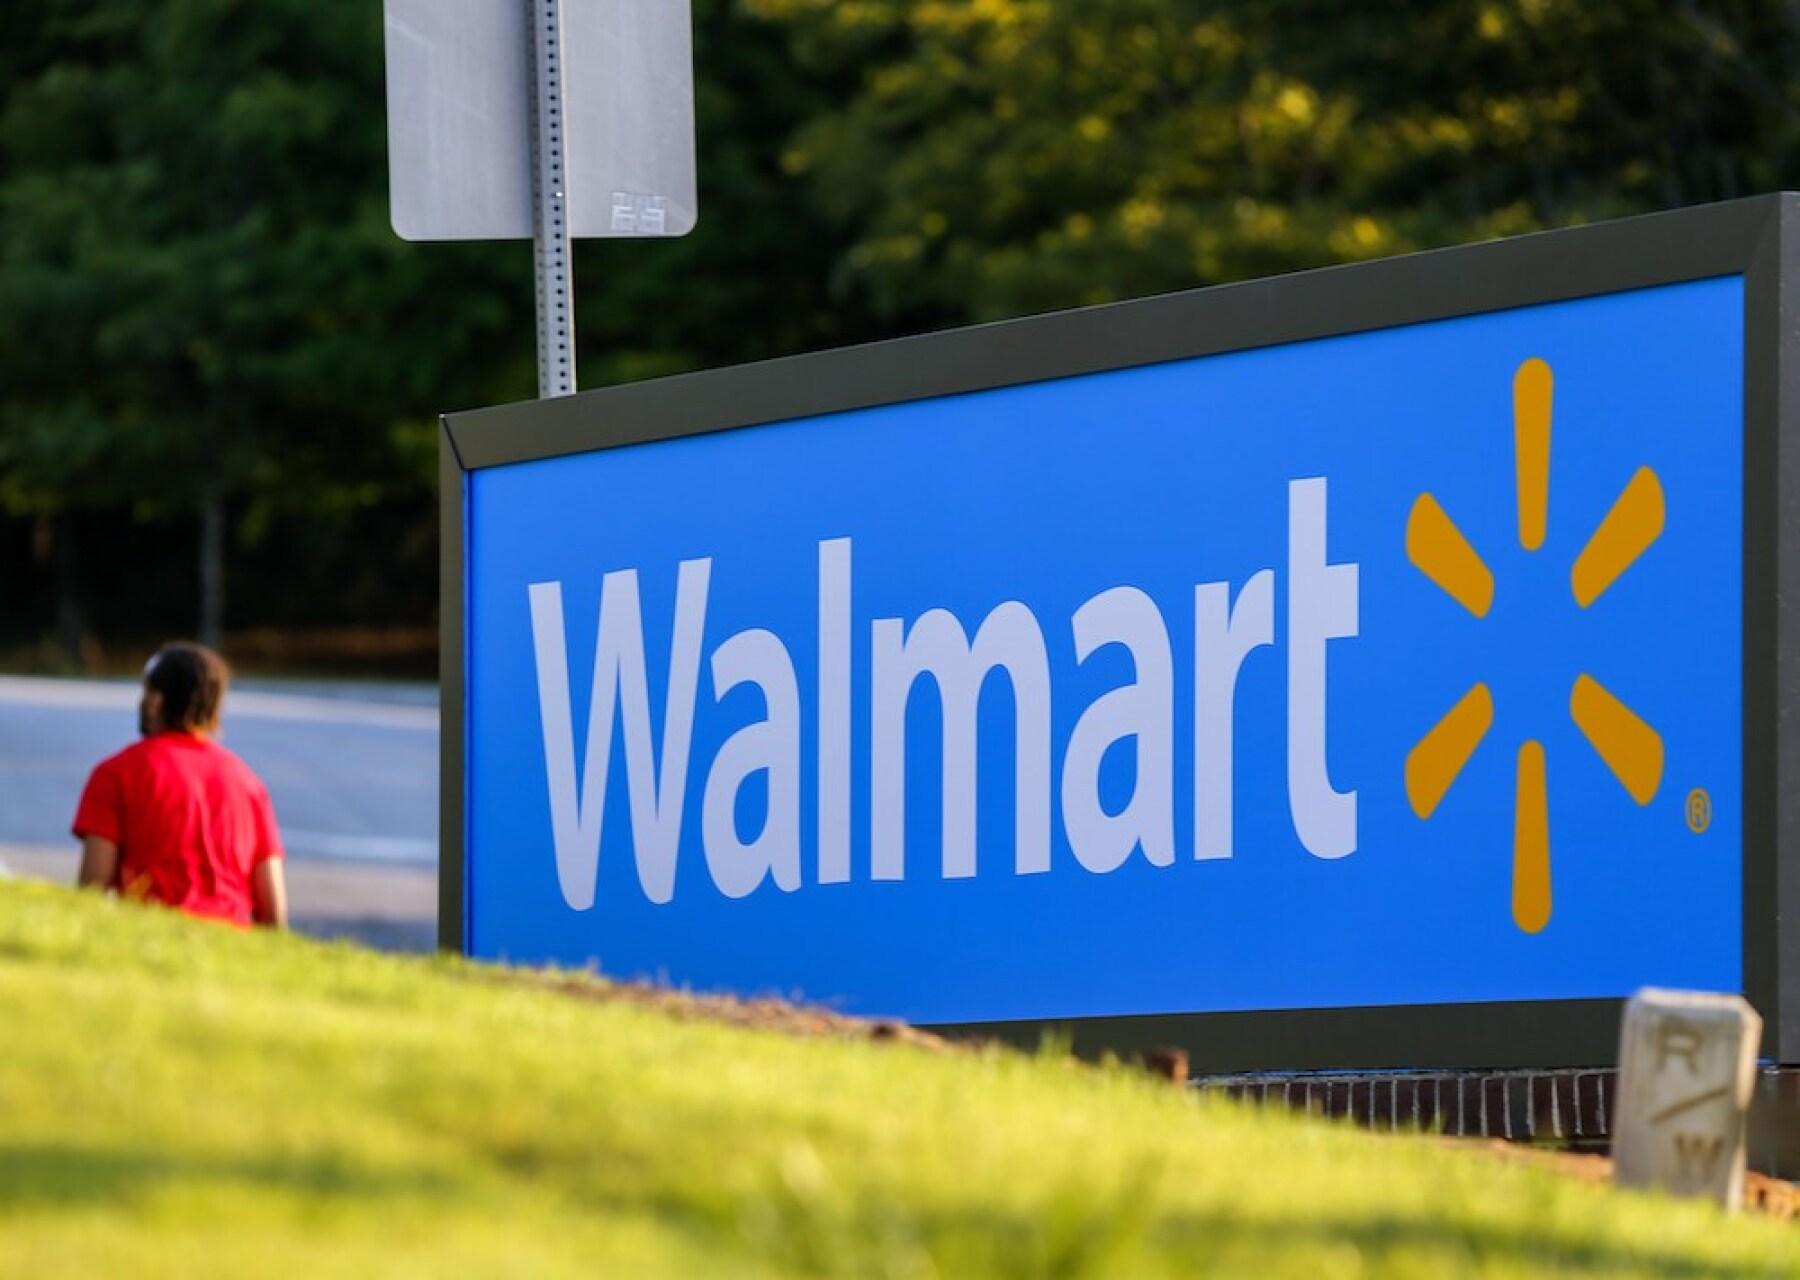 Resultados de Walmart en 2017